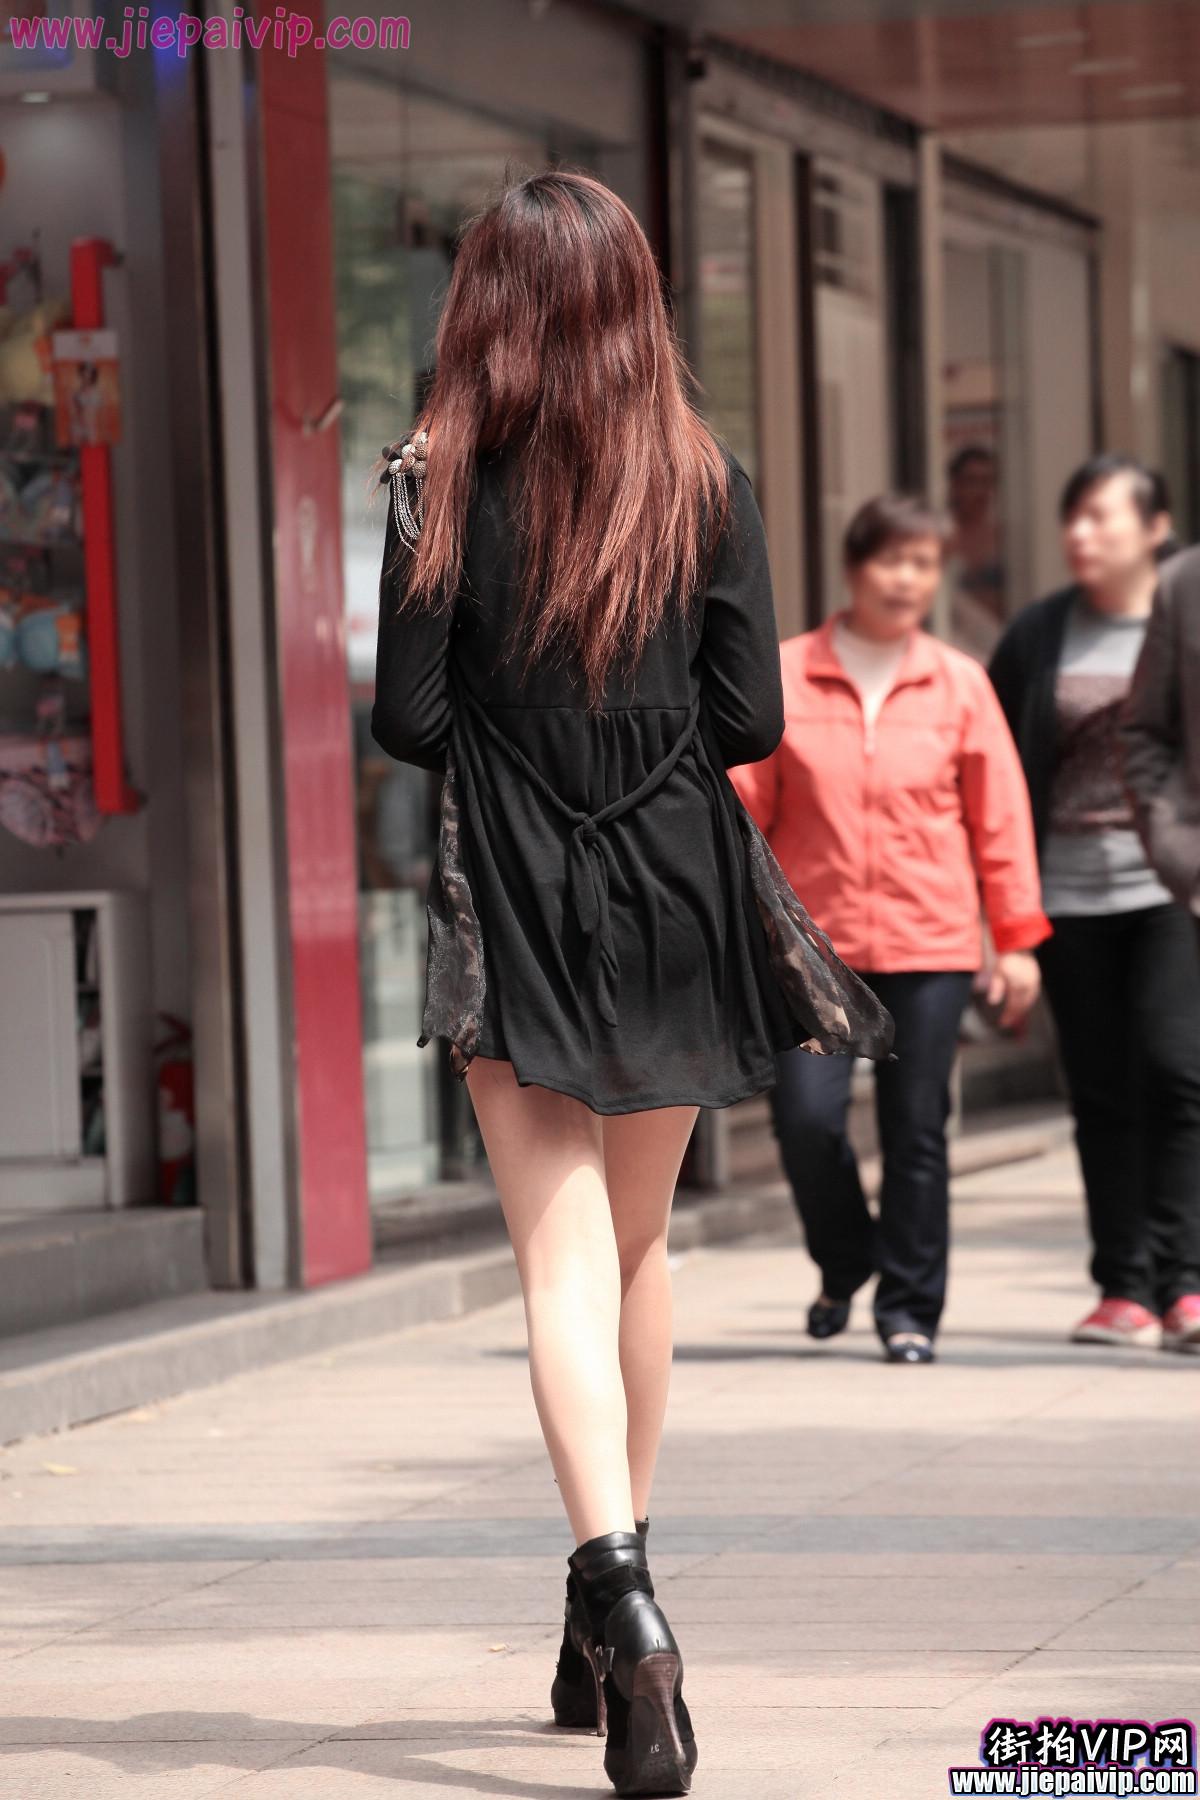 肉丝噢,超性感短裙 豹纹围巾美眉3